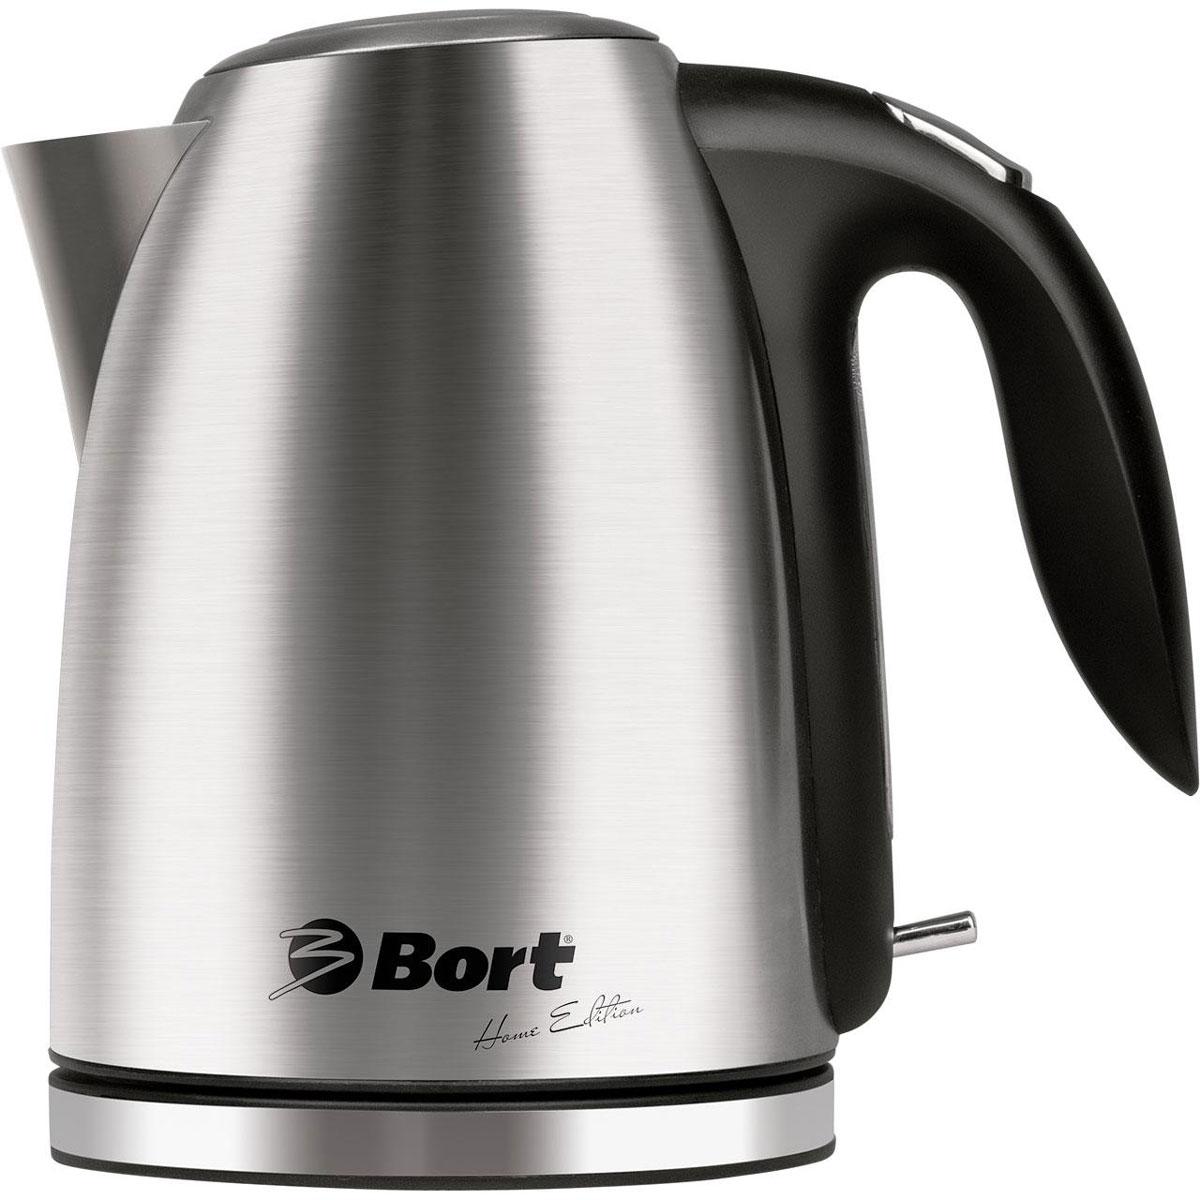 Bort BWK-2017M-L чайник электрический91276766Чайник Bort BWK-2017M-L, выполненный из нержавеющей стали, станет настоящим украшением кухни. Он отличается не только отличным внешним видом, но и высоким качеством герметизации и доработанным контроллером. Автоматическое отключение при закипании и предохранитель от включения без воды защитят вас от непредвиденных ситуаций. Мягкая LED подсветка и тщательно проработанный и удобный механизм открывания крышки, расположенный на ручке, являются приятными дополнениями к этому надежному чайнику. Кроме того для удобства пользования поворотное основание снабжено отсеком для хранения шнура.